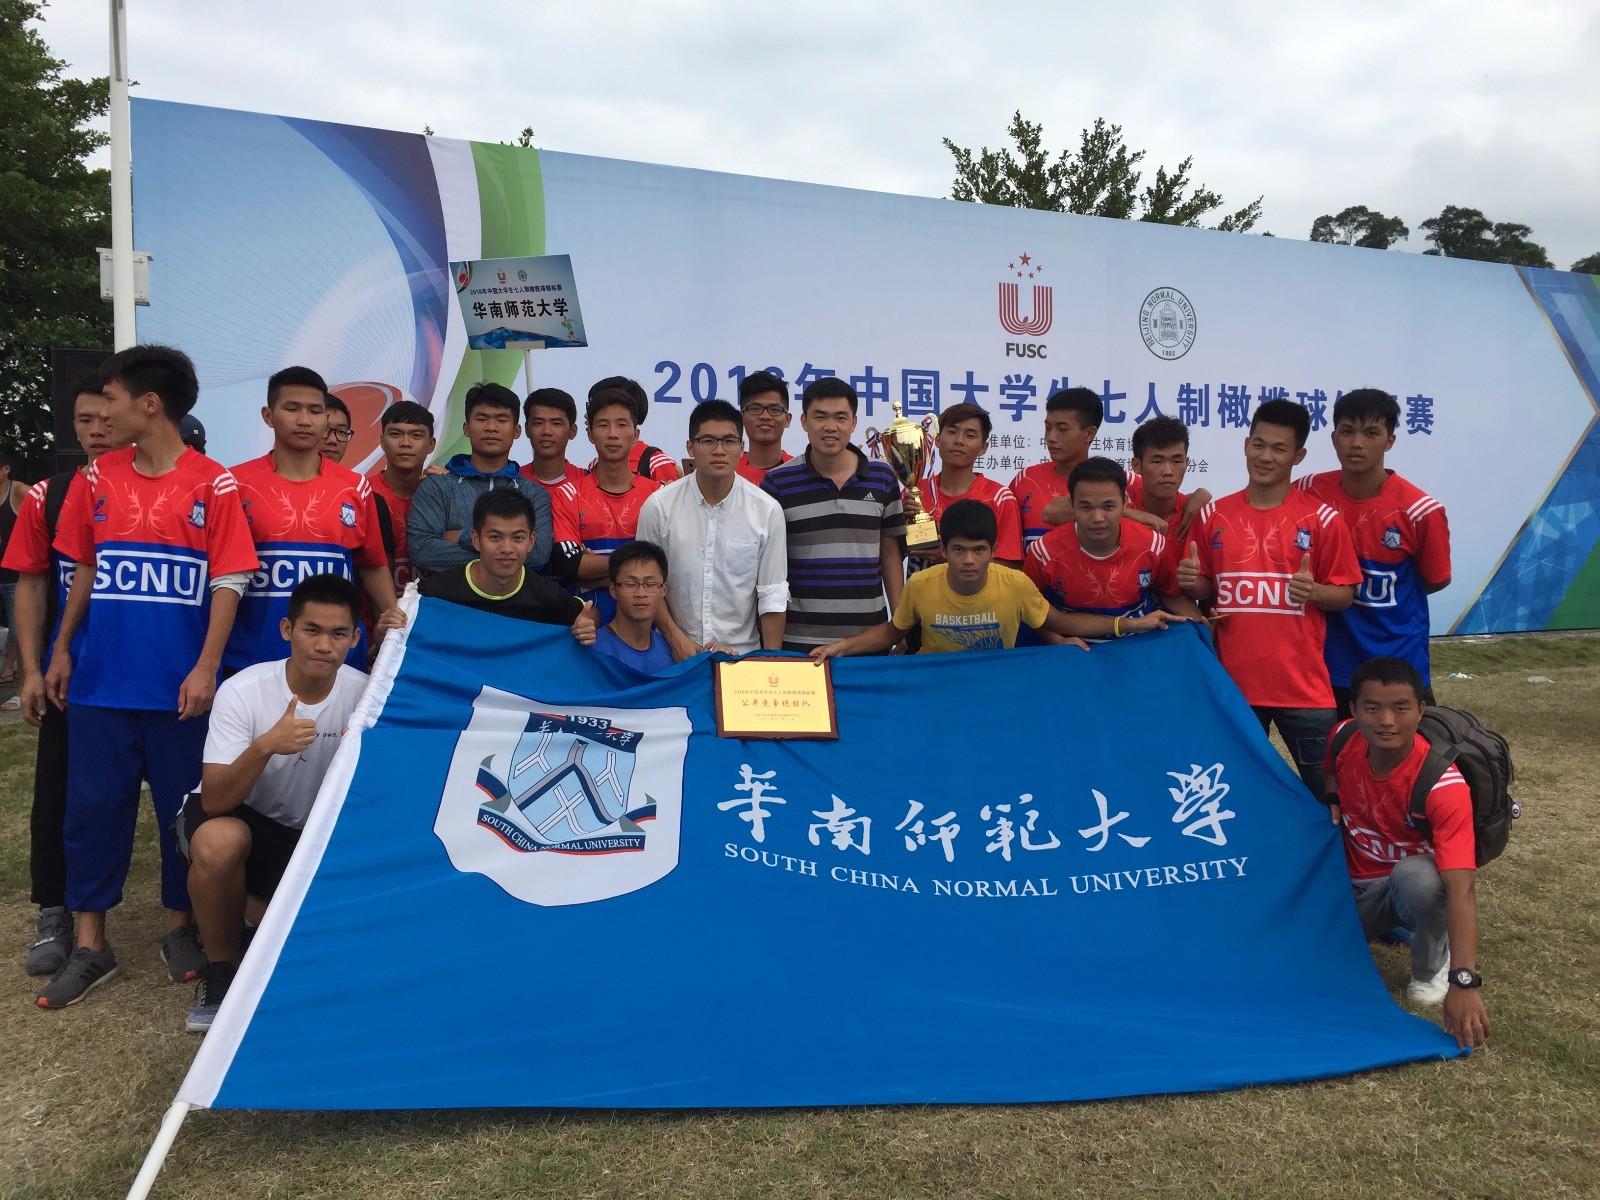 我校橄榄球队荣获中国大学生七人制橄榄球锦标赛冠军